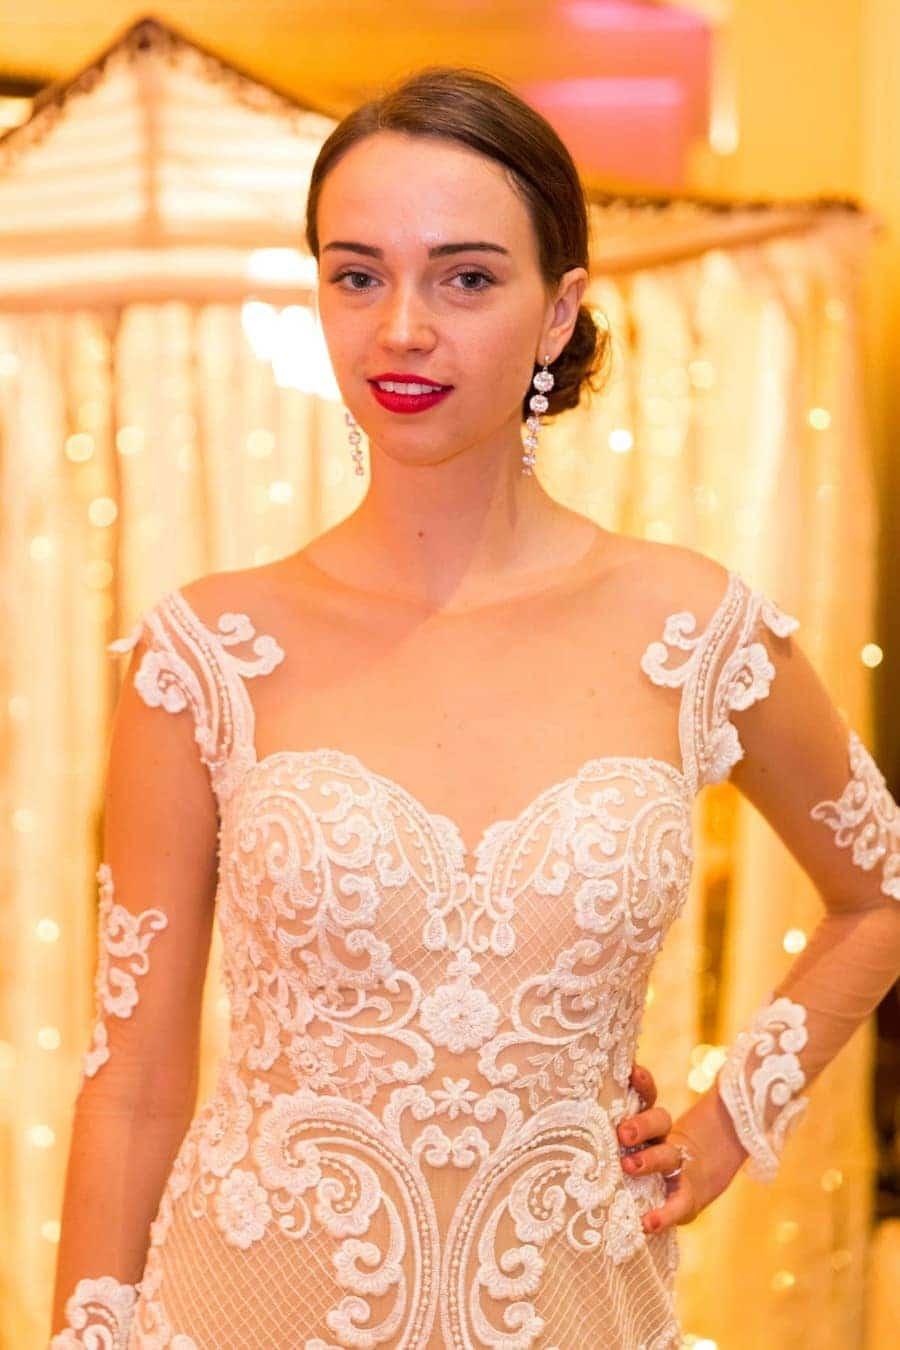 Wedding Salon, Beverly Hills, Montage Beverly Hills, wedding dress, wedding gown, Naama and Anat, Israeli designer, couture wedding dress, luxury bride, luxury bridal gown